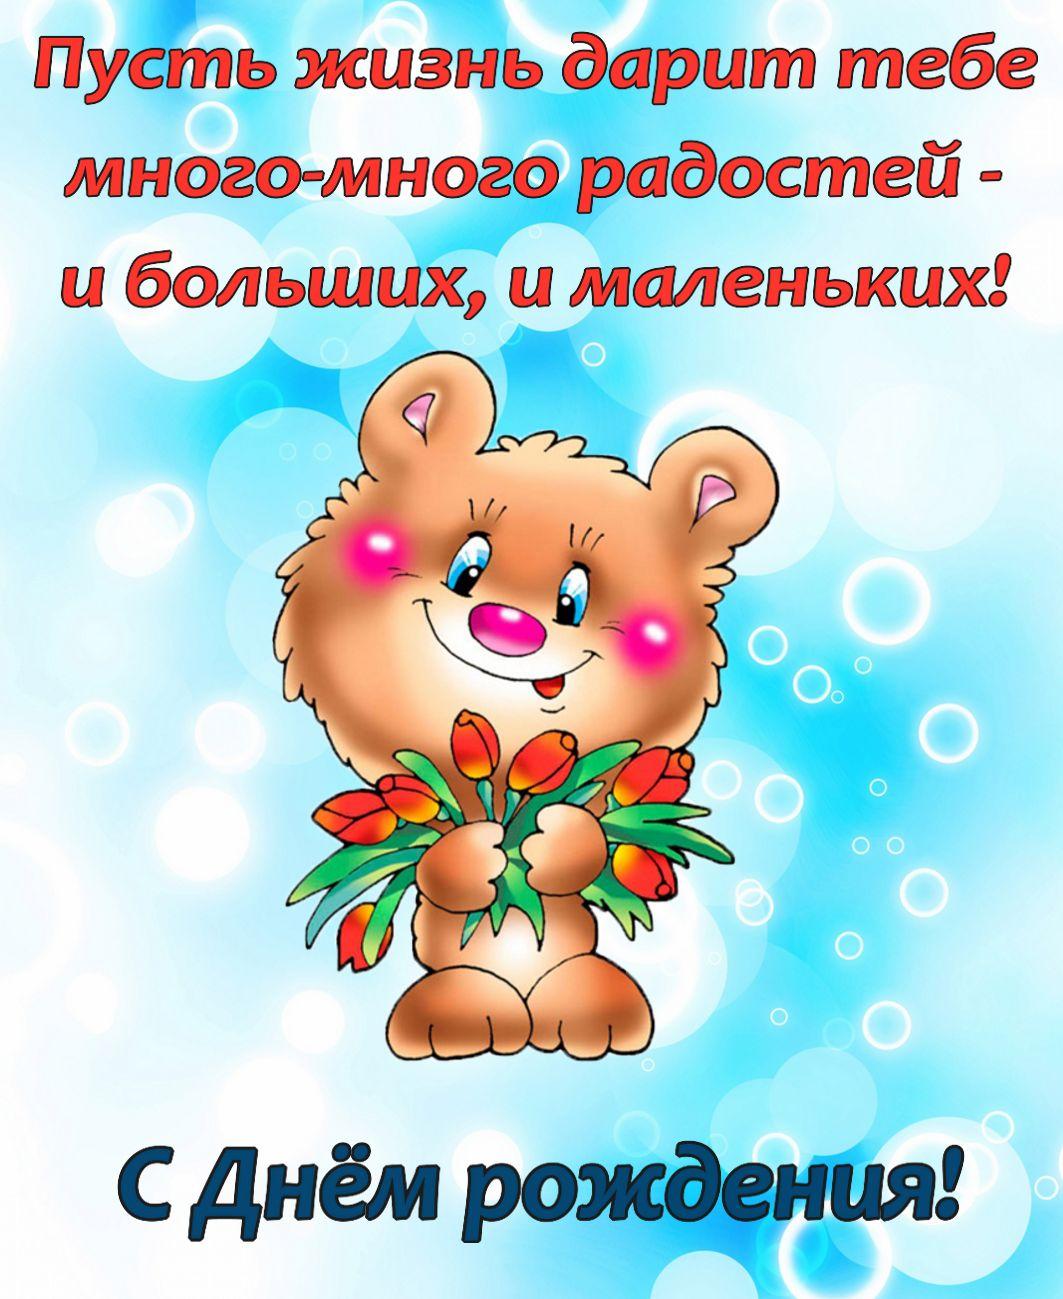 открытка - мультяшный медвежонок с букетом цветов